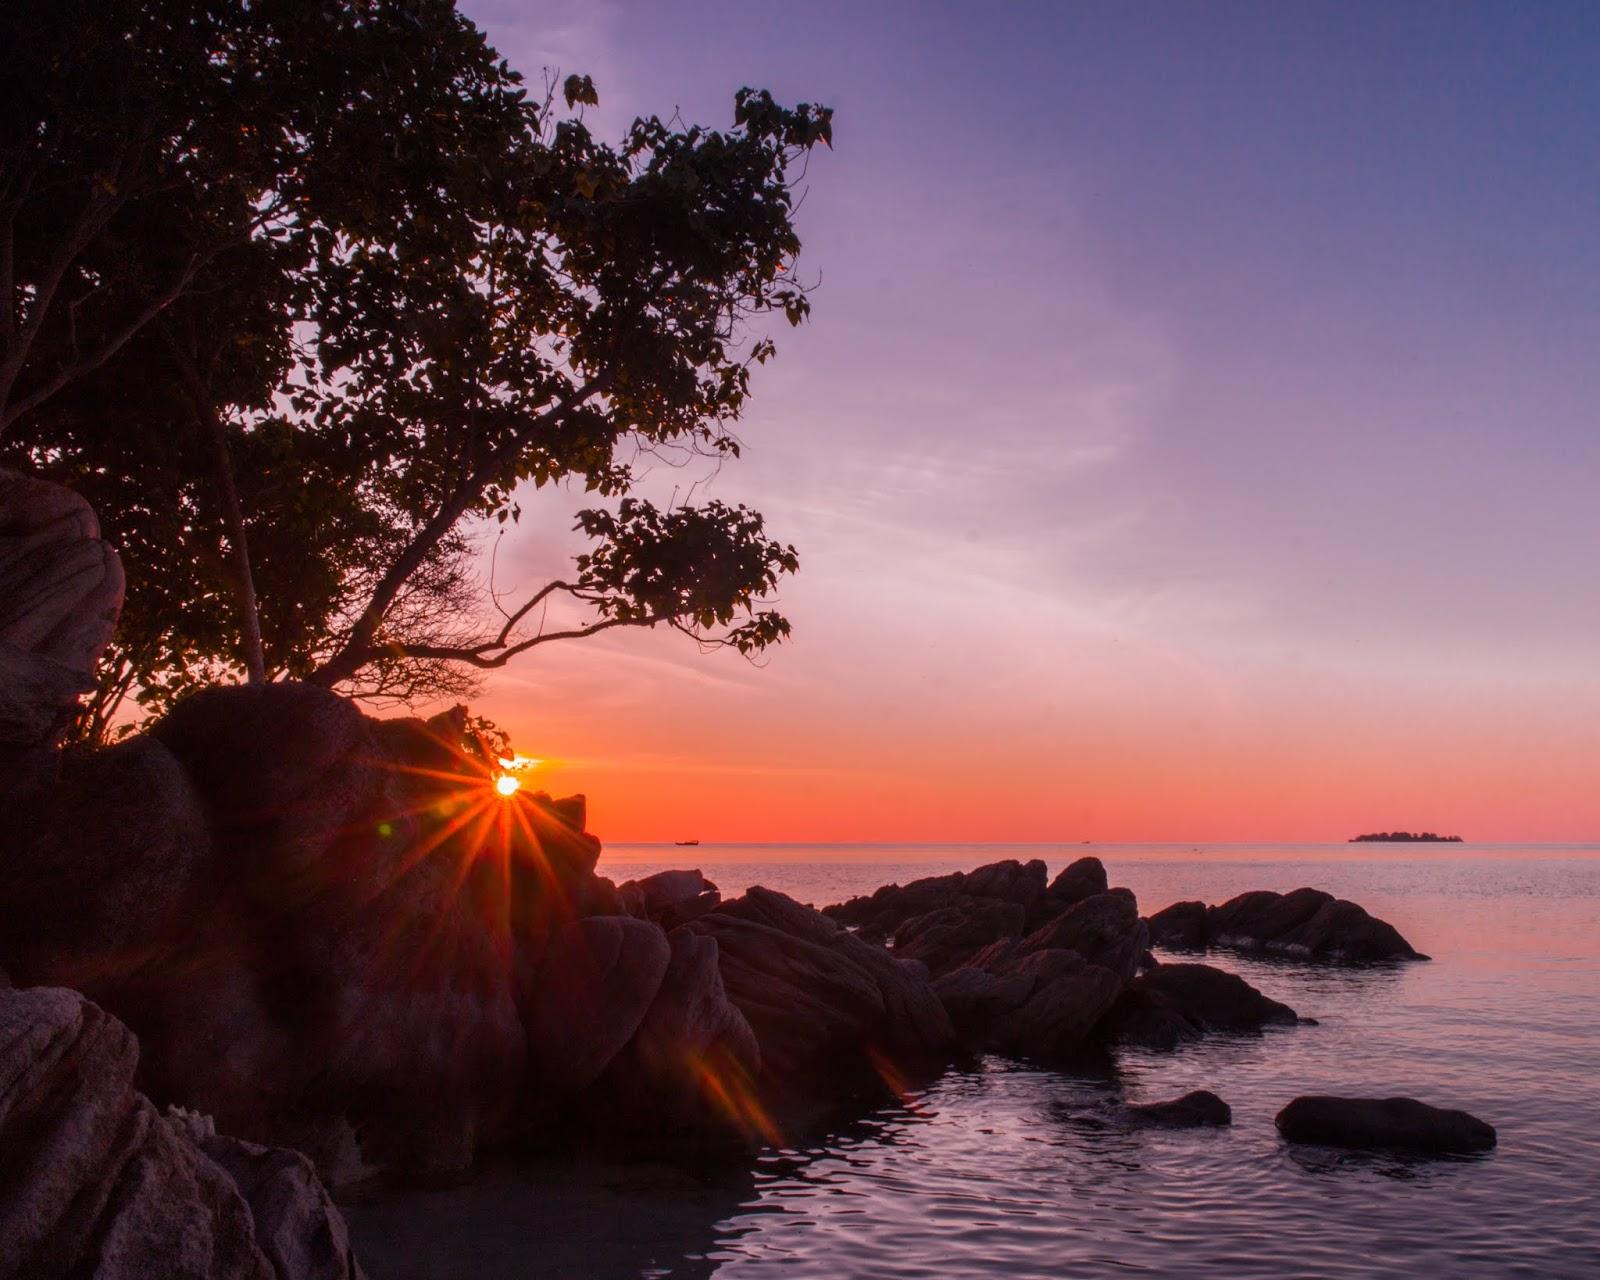 sunset di pantai ujun gelam karimunjawa